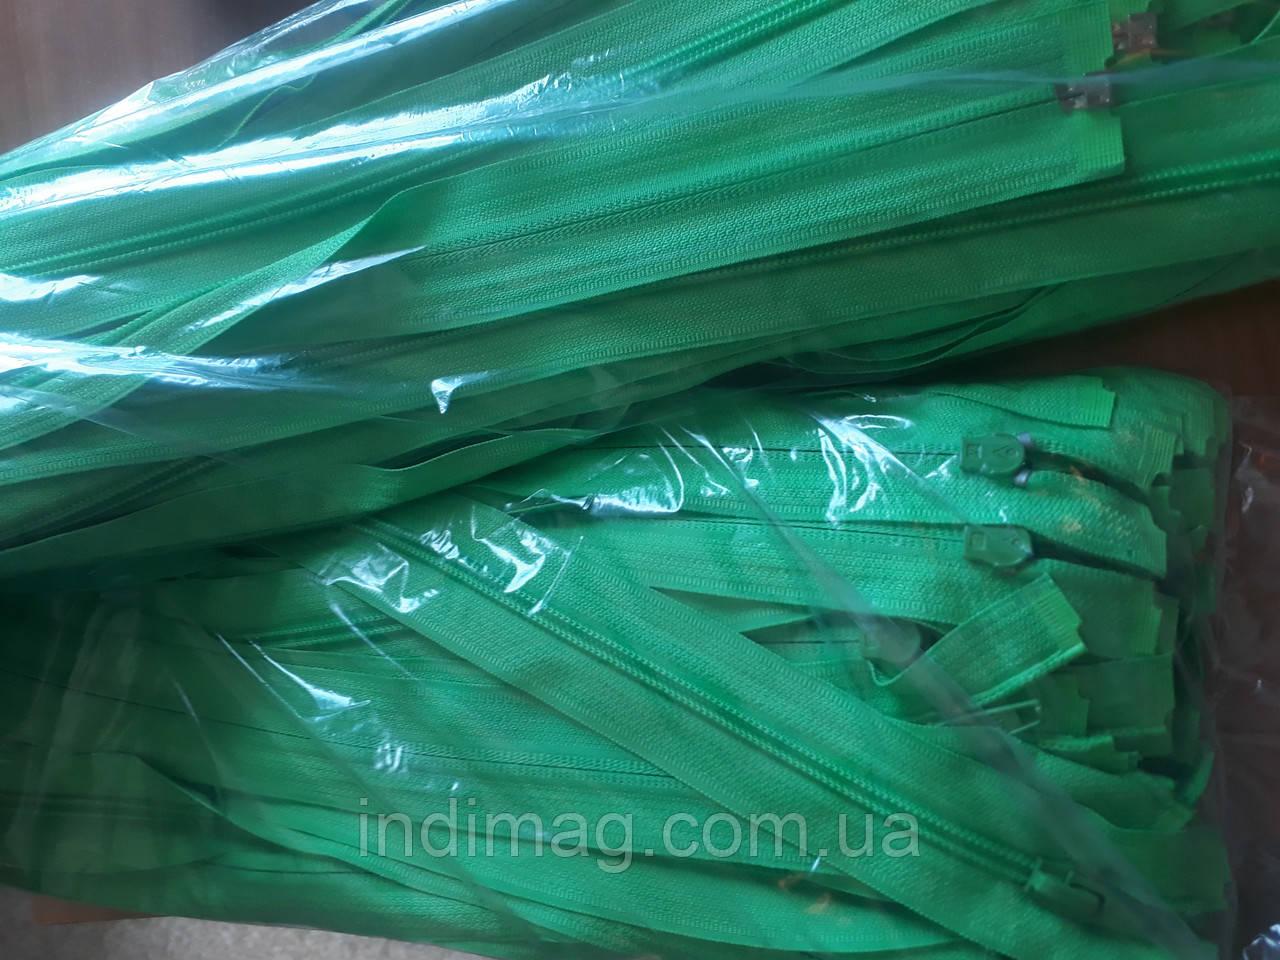 Молния змейка Пластик  салатовый  50 штук